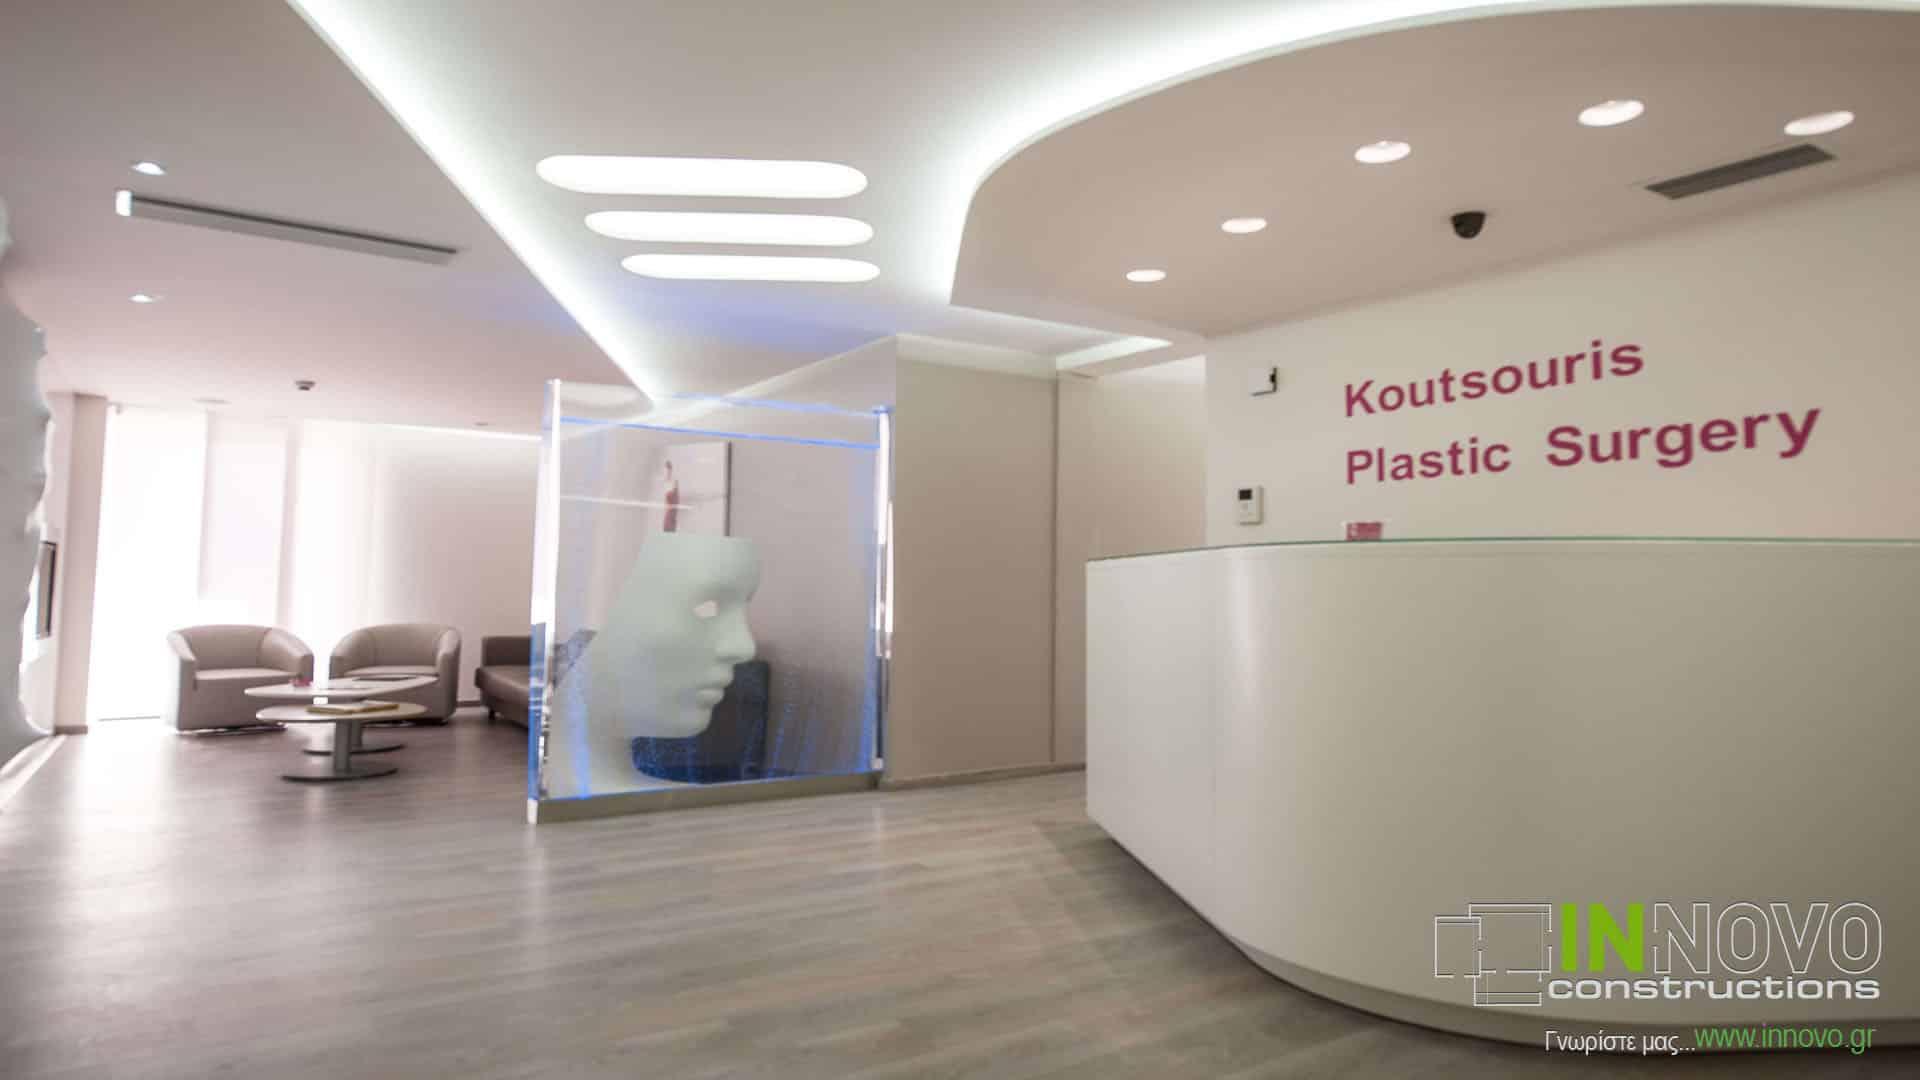 Μελέτη ανακαίνισης Ιατρείου Πλαστικής Χειρουργικής στην Τρίπολη